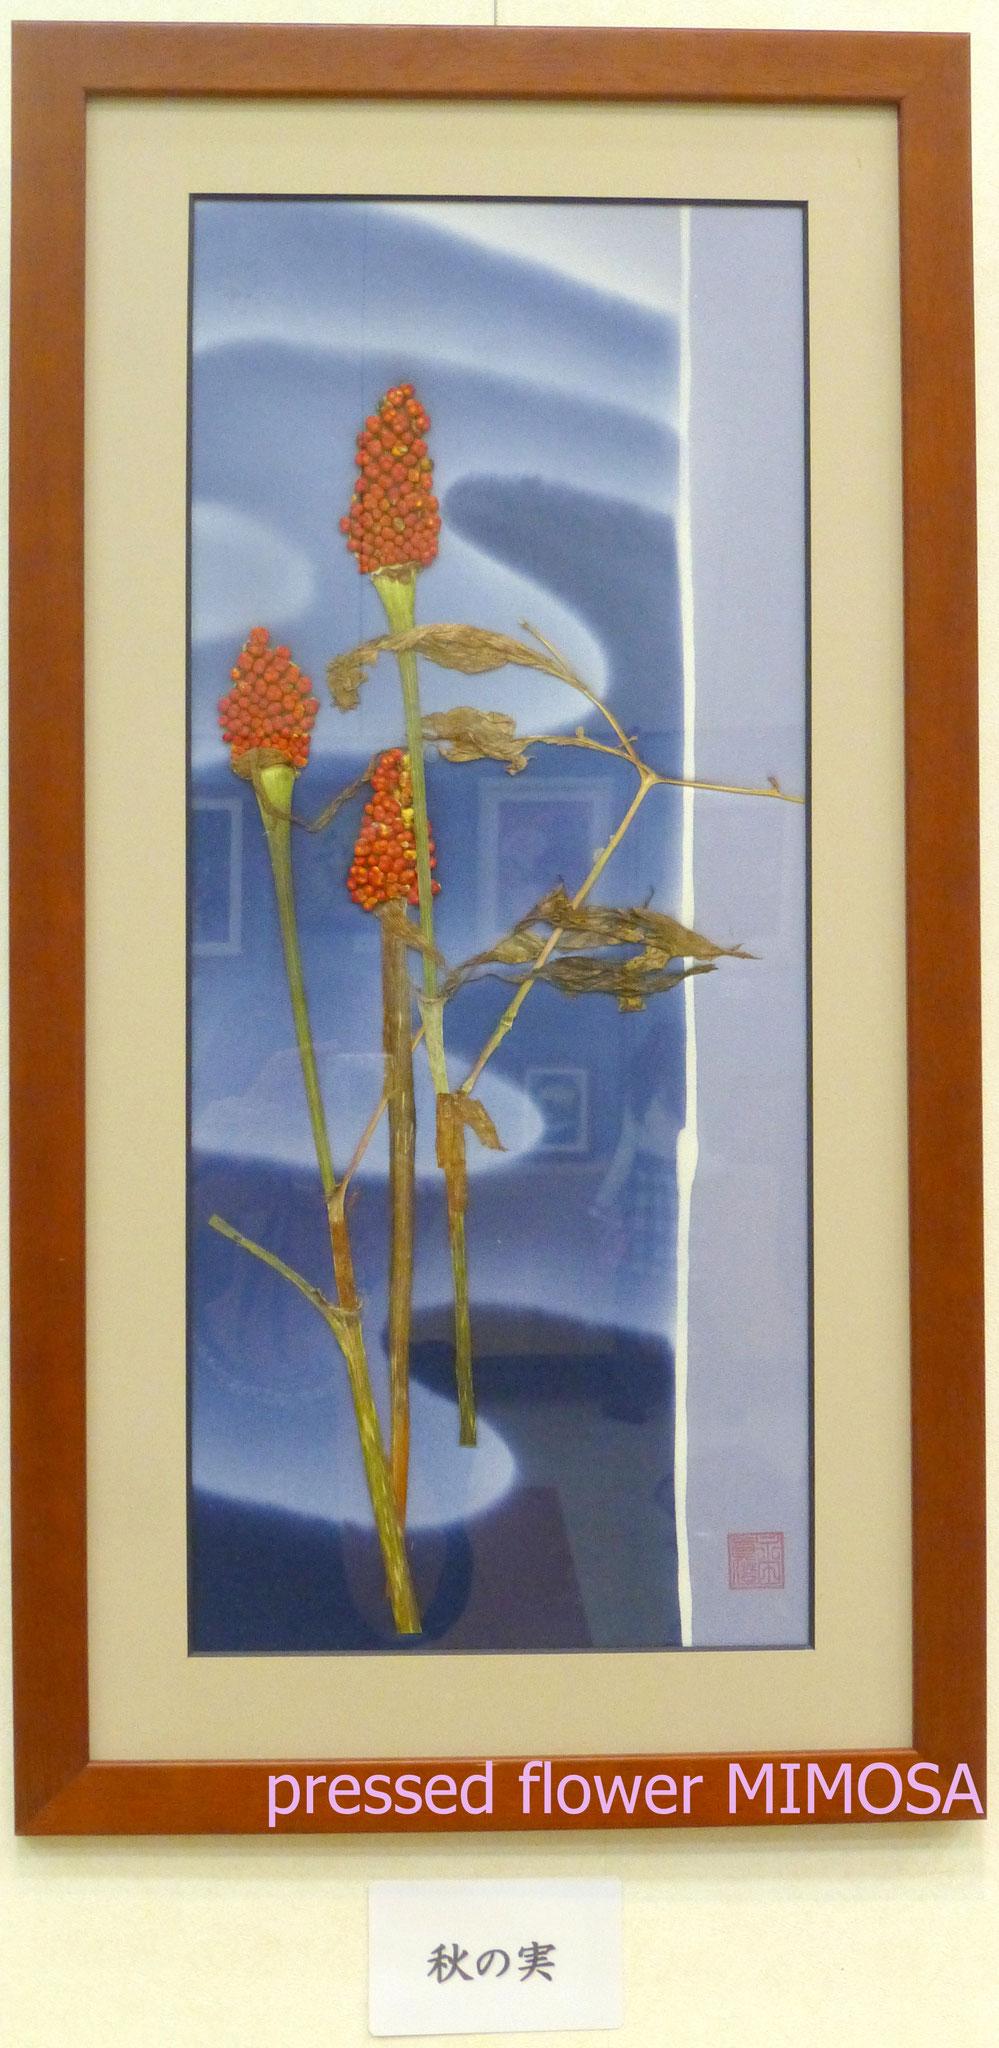 タイトル:秋の実 花材:マムシグサの実 背景:着物地